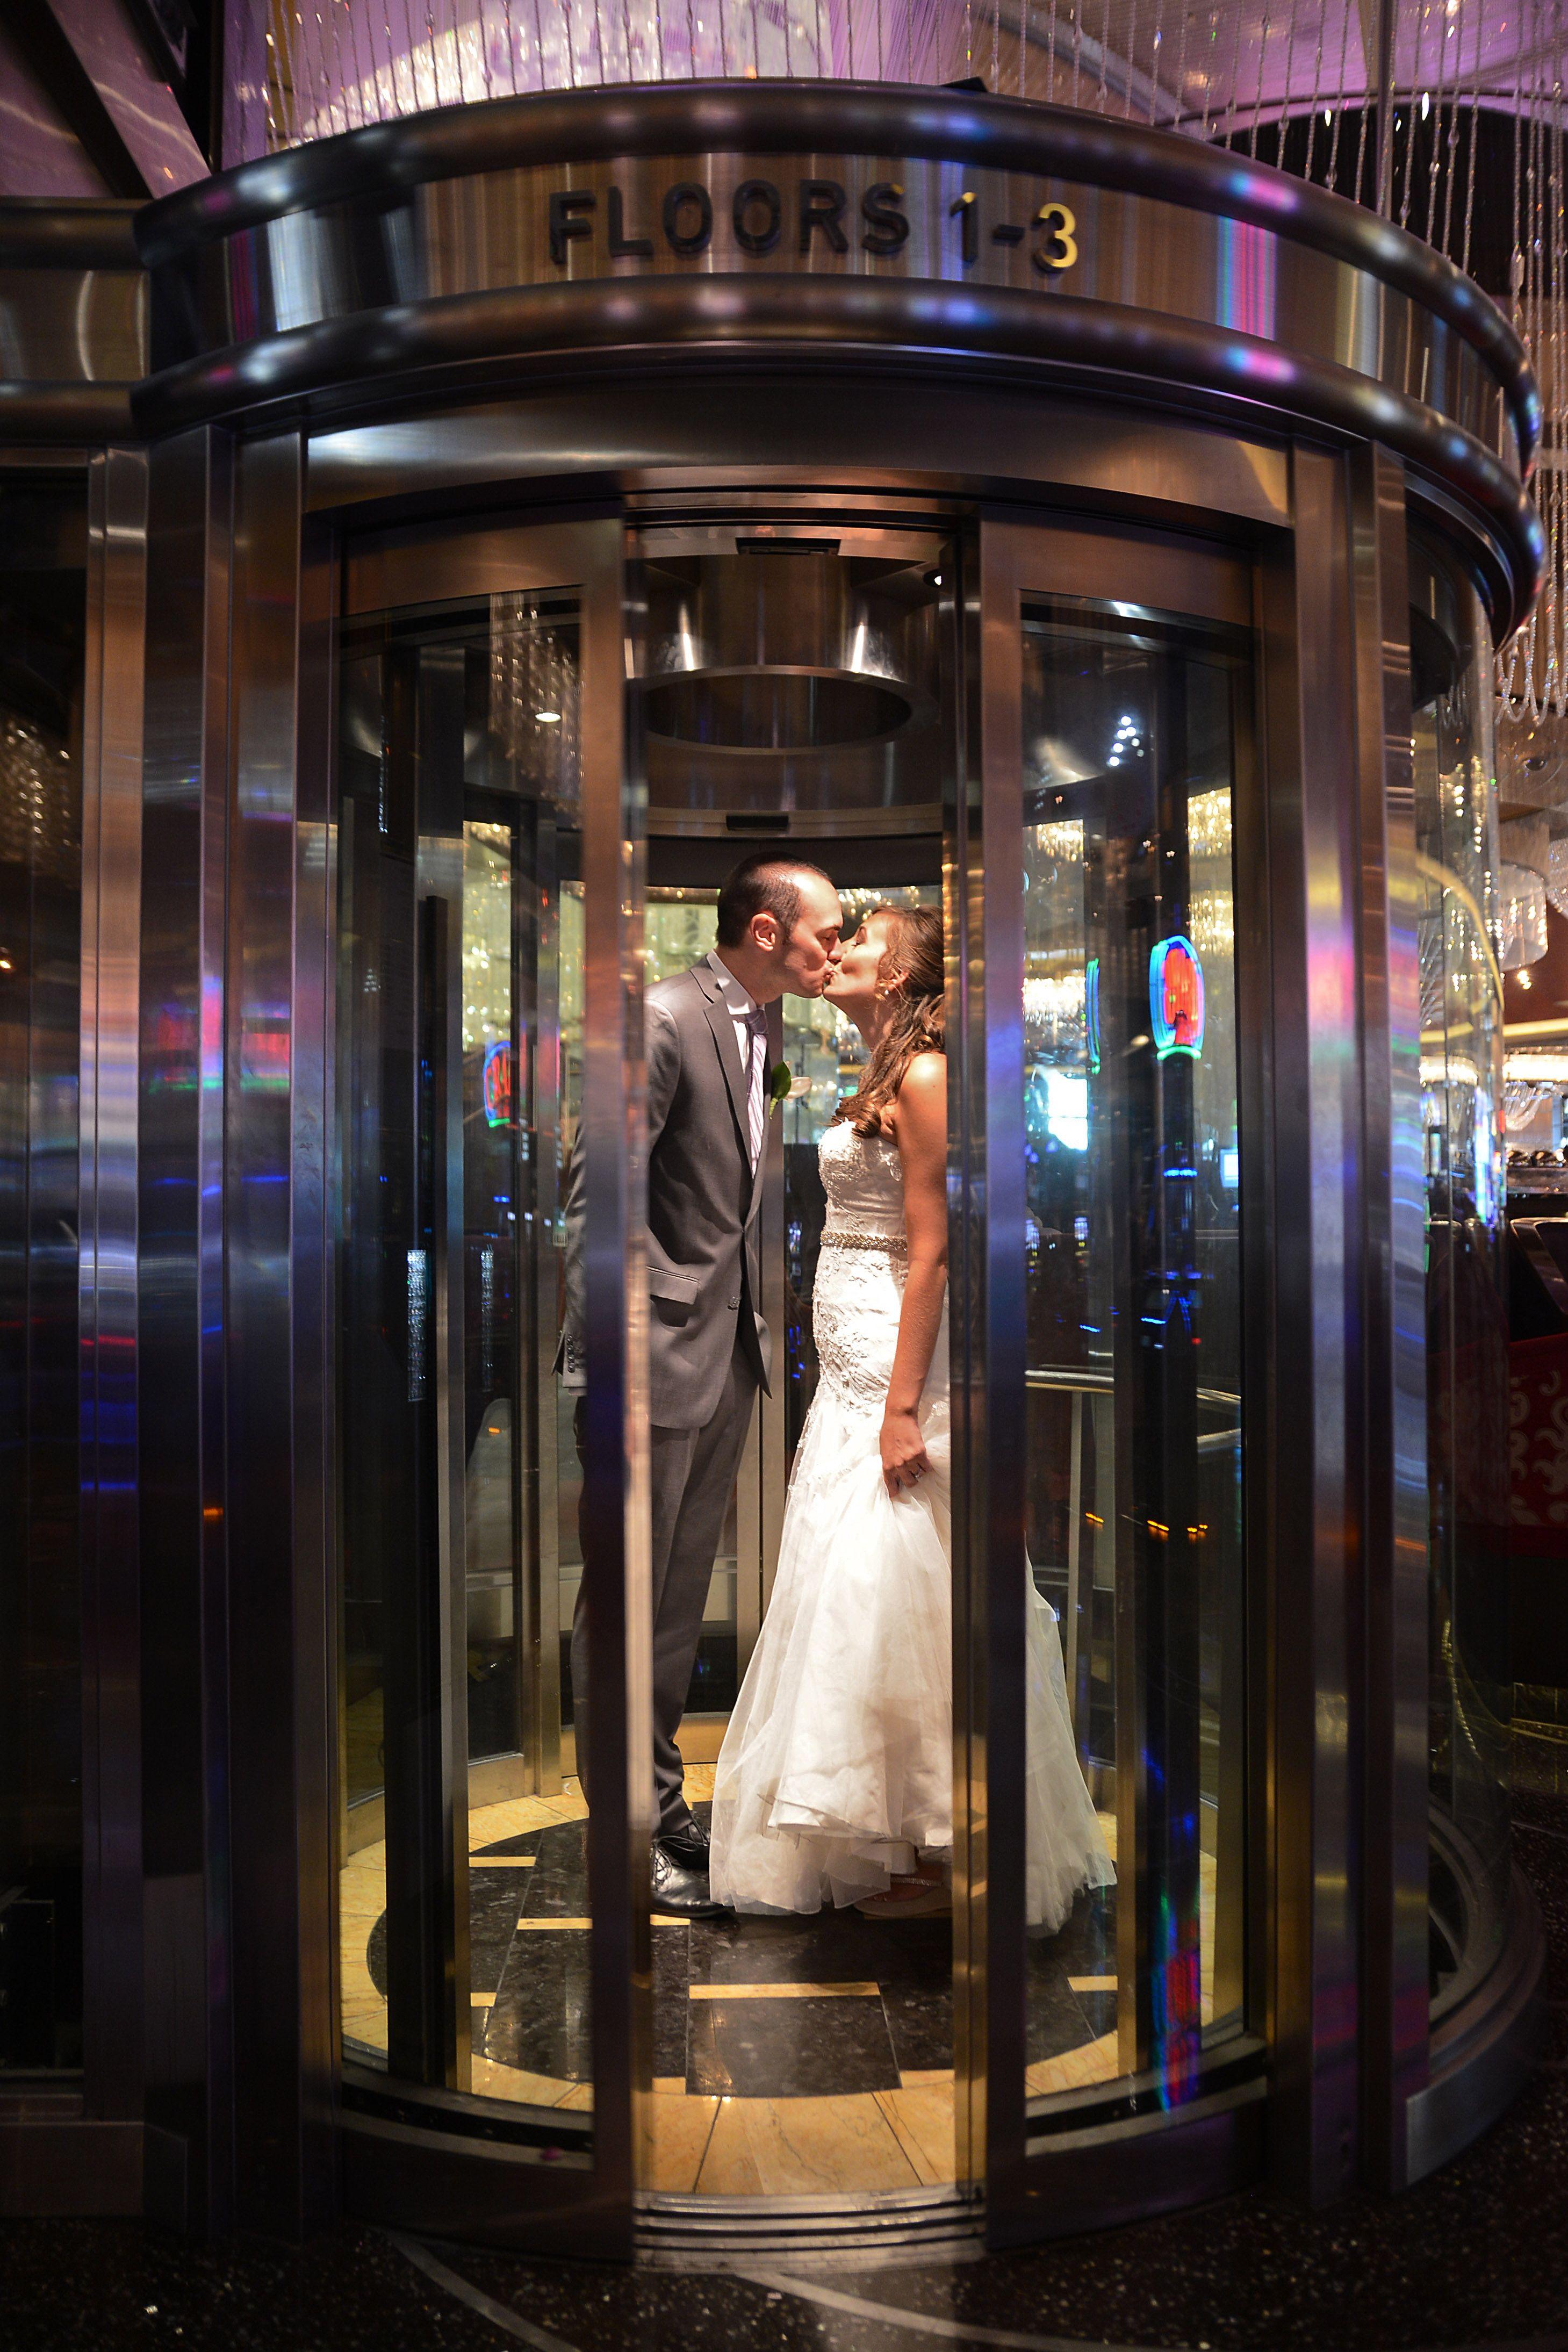 Vegas Wedding Cosmopolitan Las Vegas Cosmopolitan Las Vegas Las Vegas Wedding Photos Vegas Wedding Photos